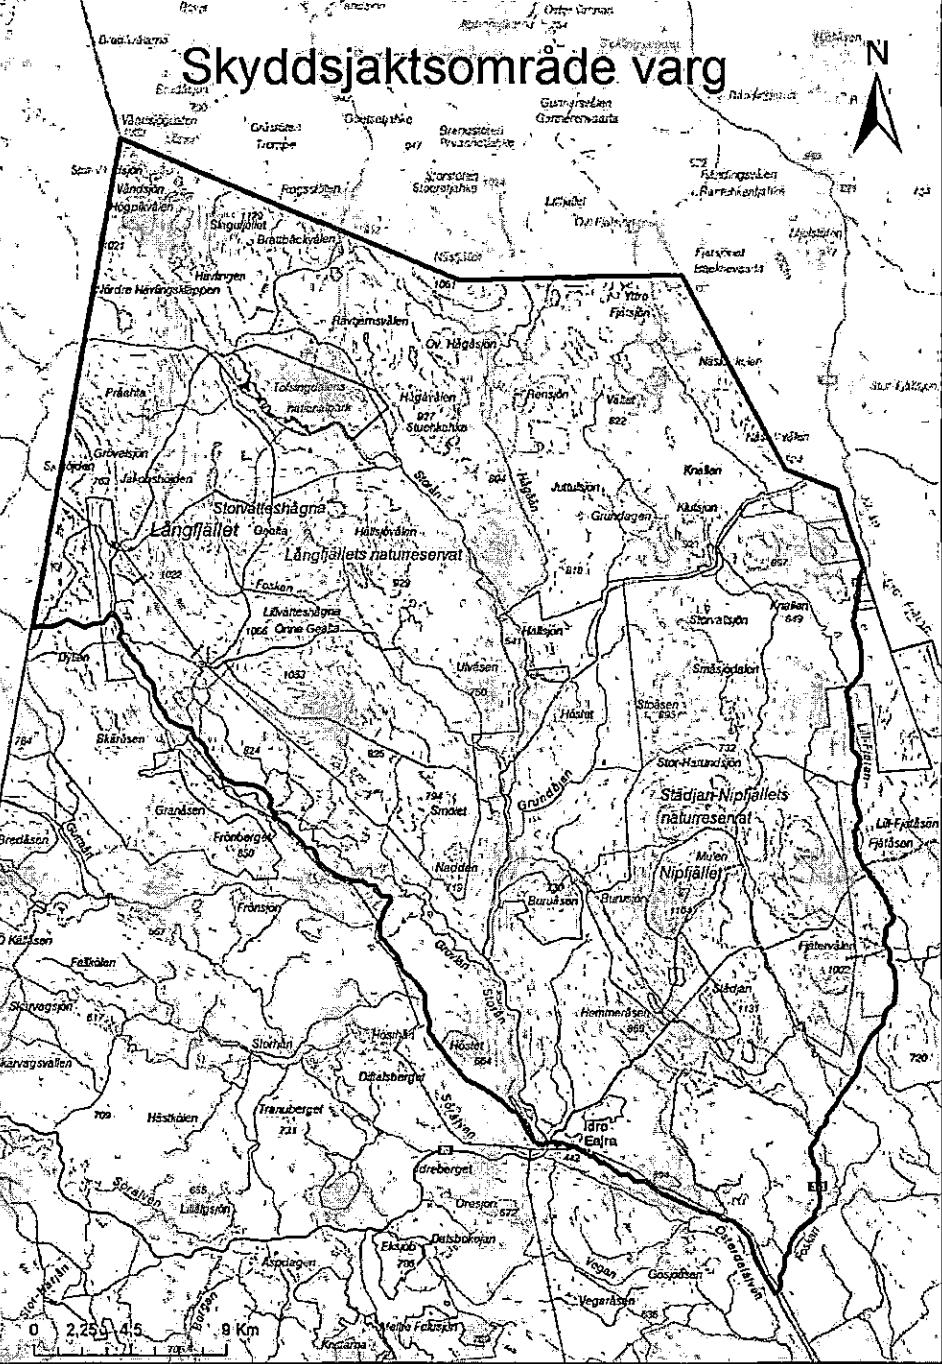 Tillåtet skyddsjaktsområde. Karta: Länsstyrelsen Dalarna